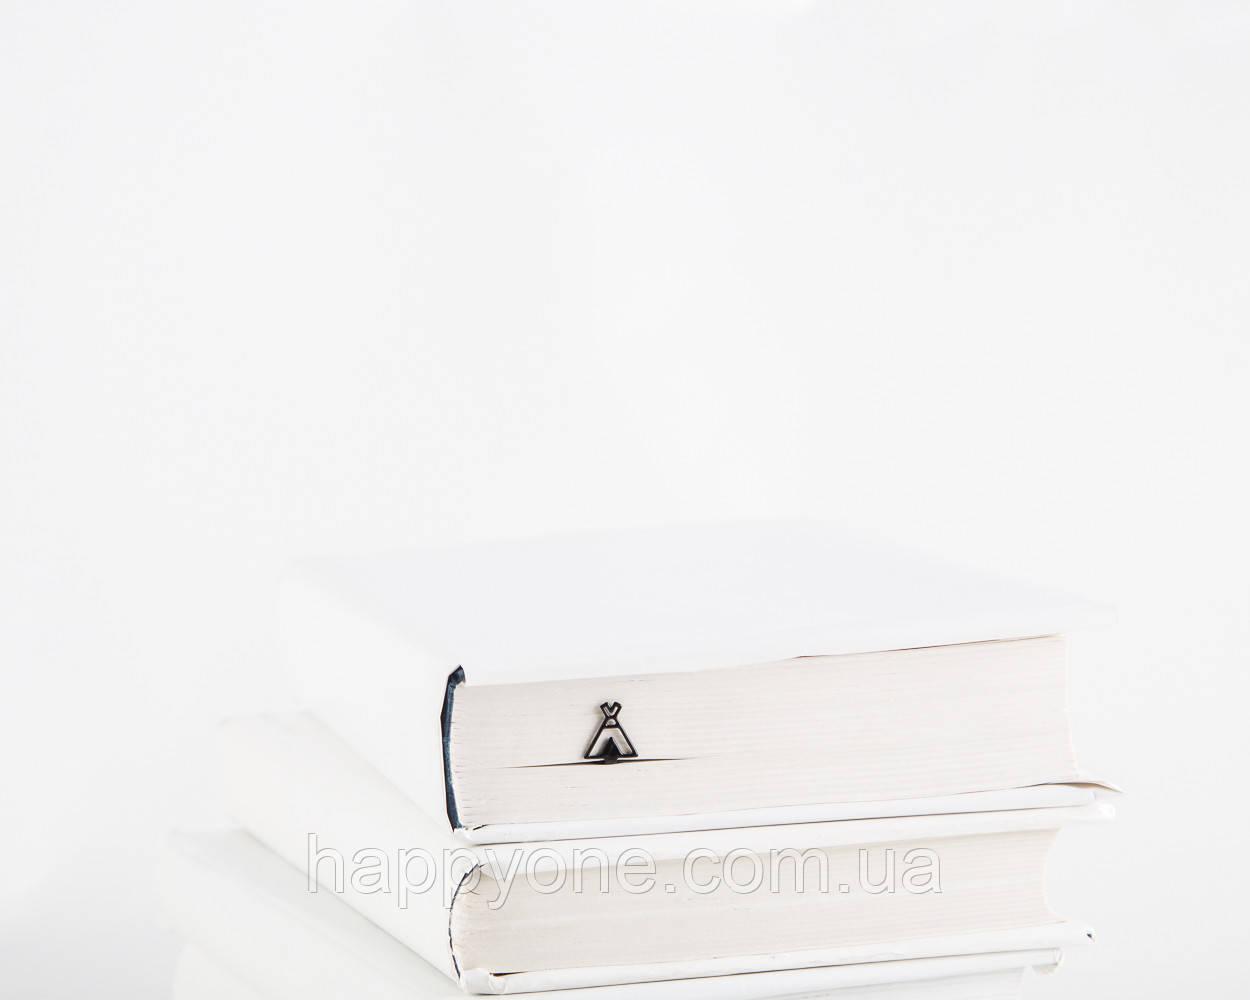 Закладка для книг Вигвам